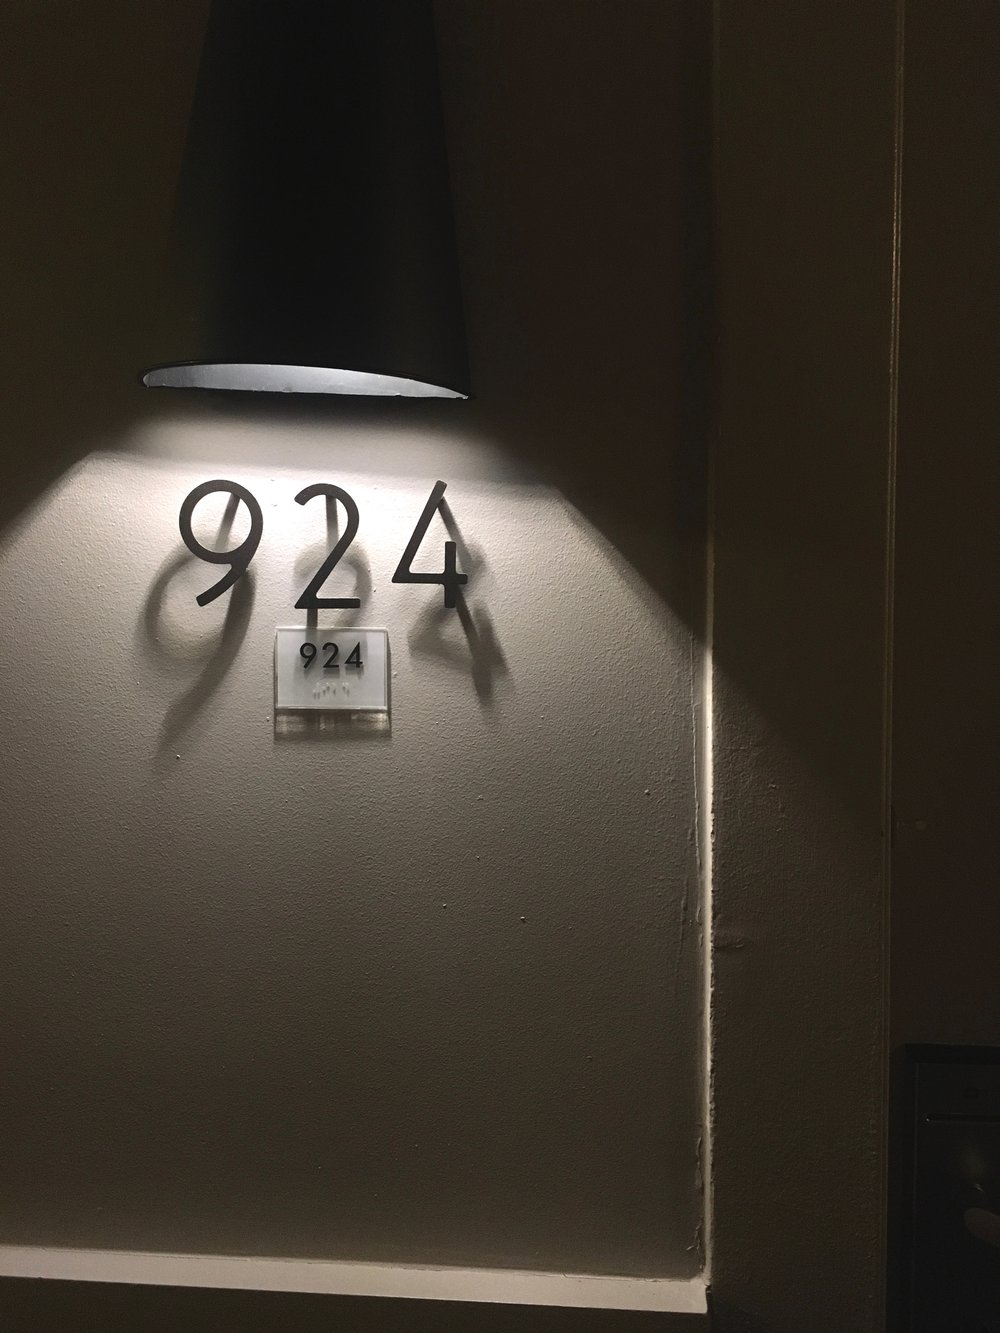 Room 924 (photo by Meghan Ianiro)